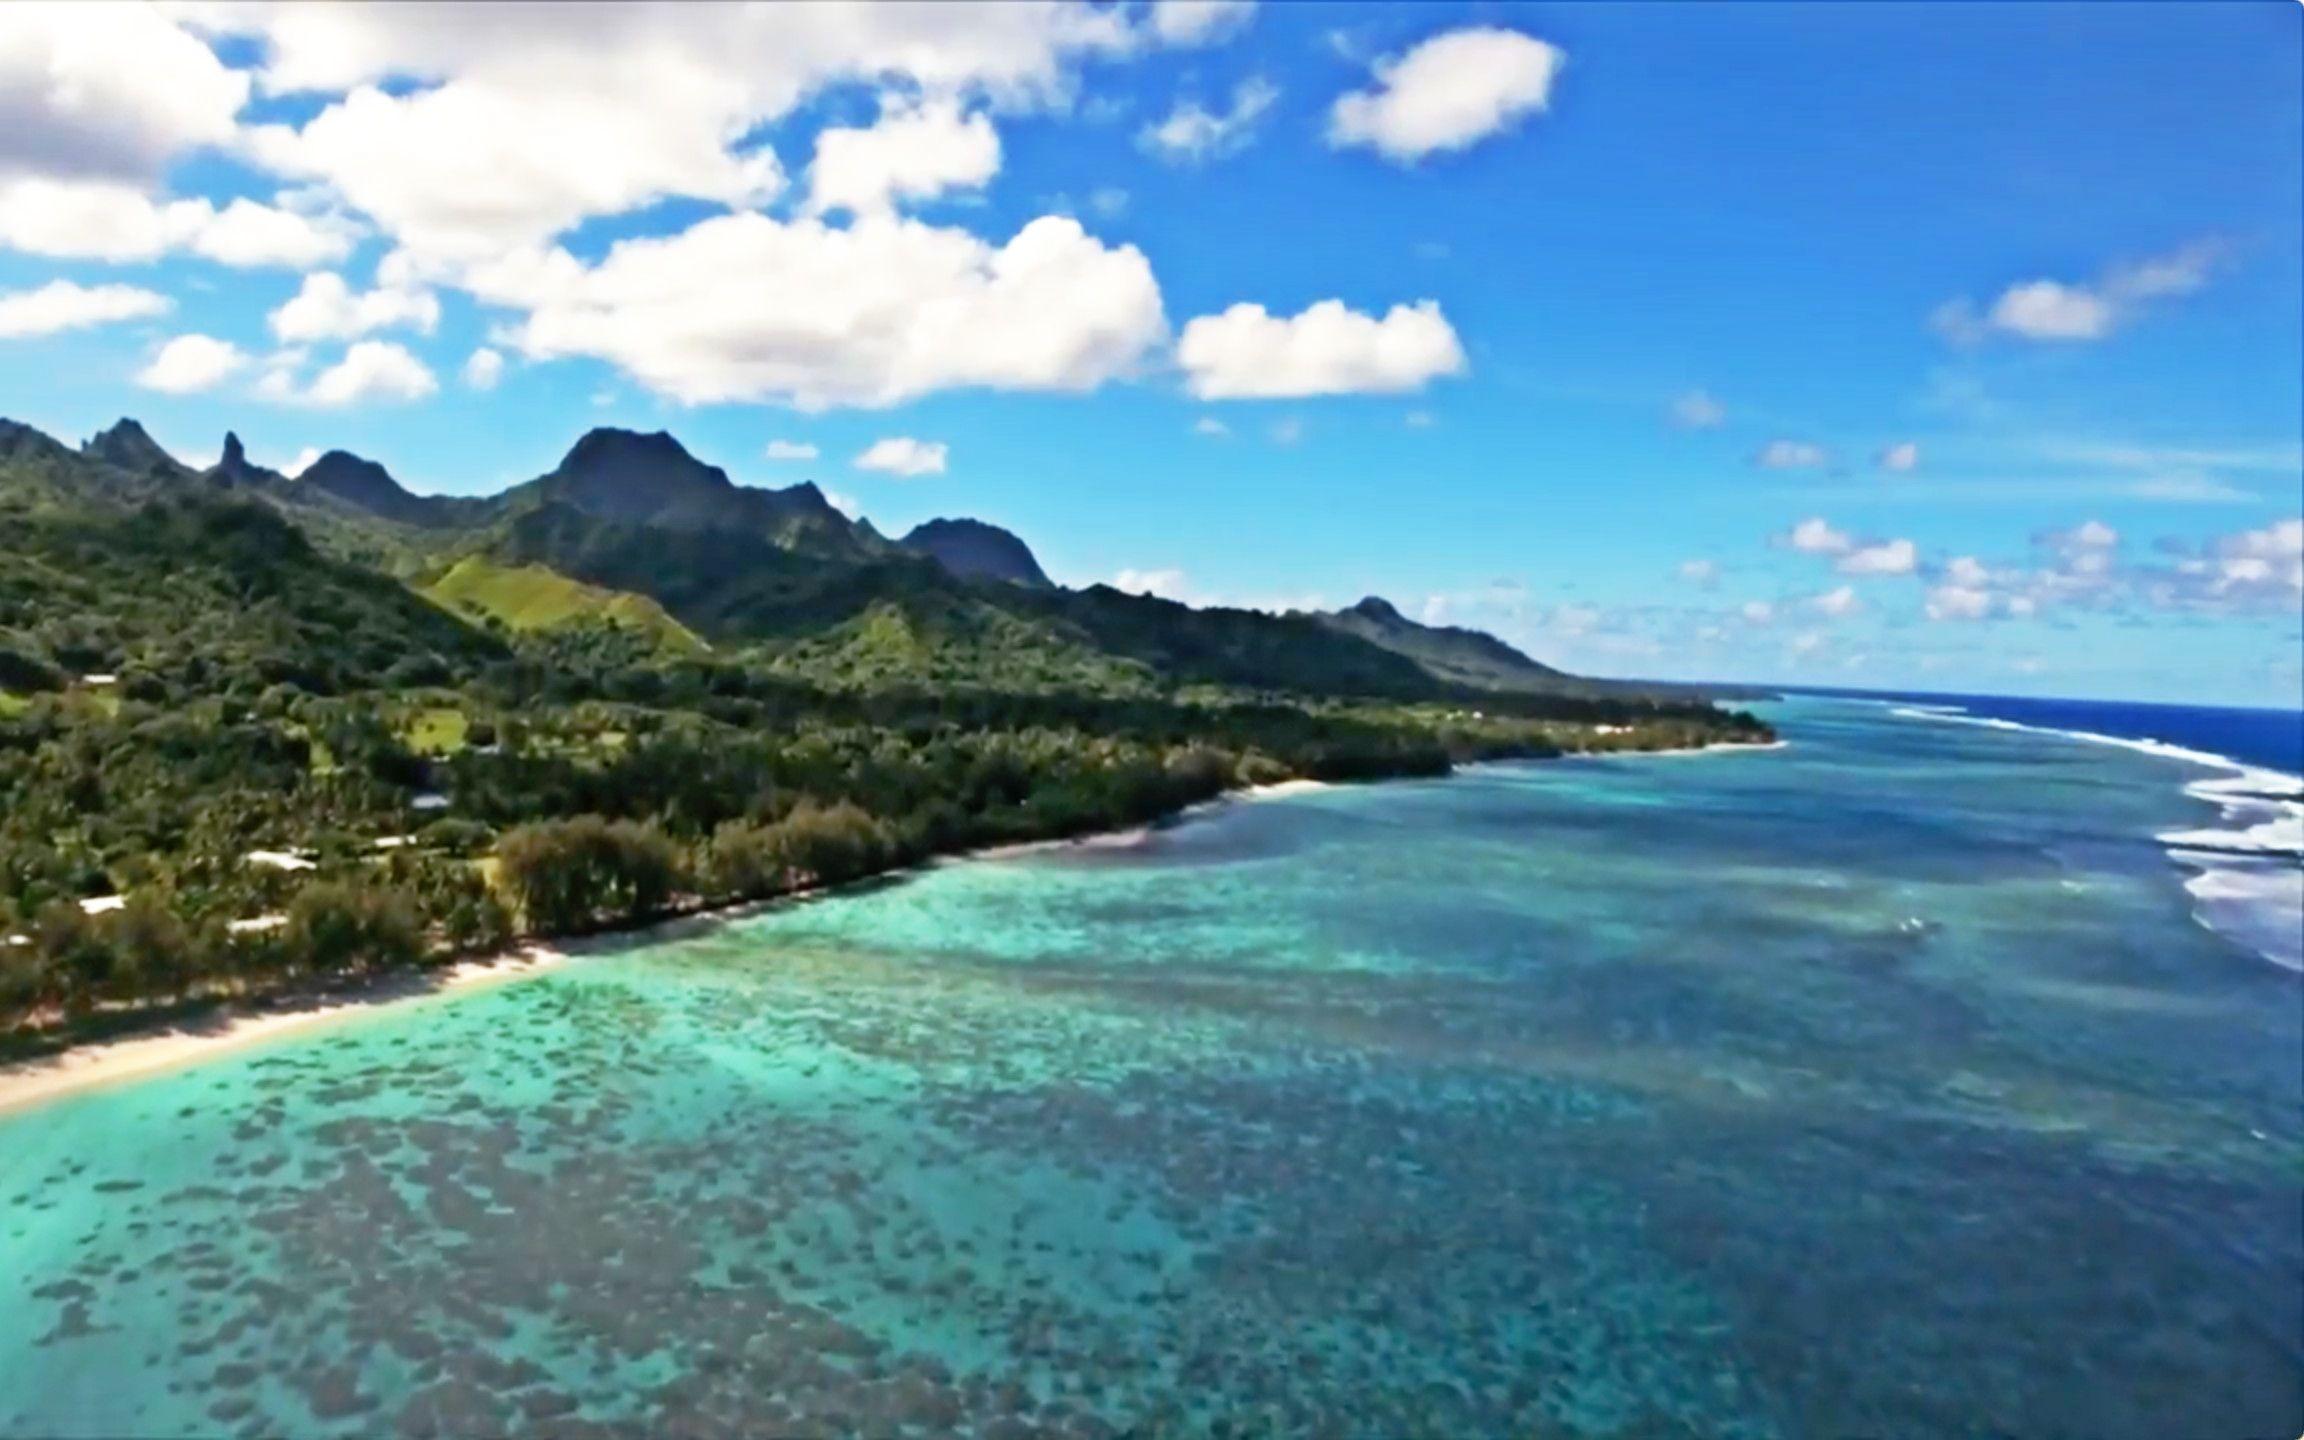 南太平洋库克群岛有天堂一样的美景 却因为气候变暖可能被淹没!